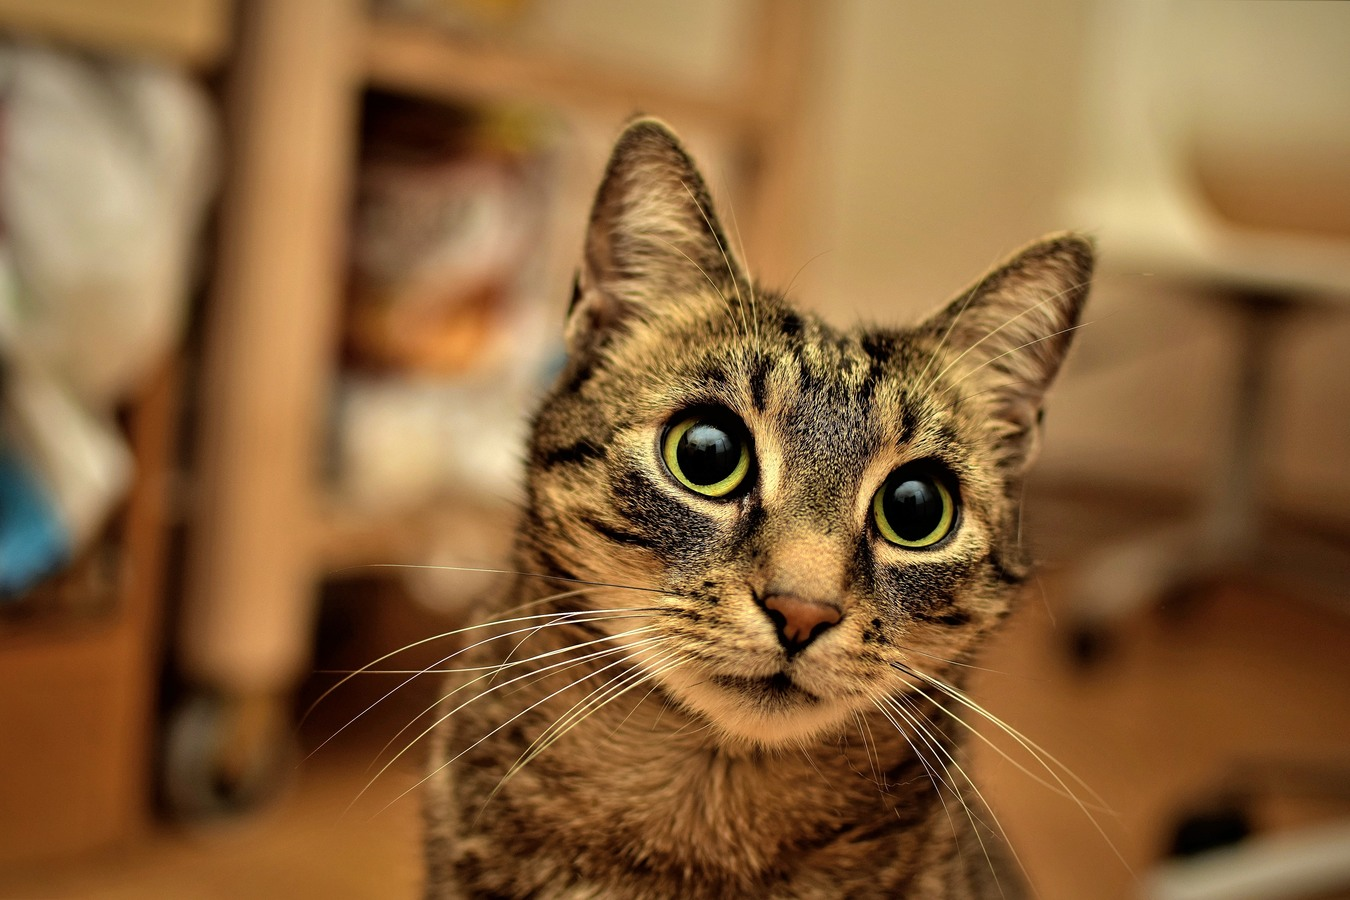 Pohled do kočičí duše